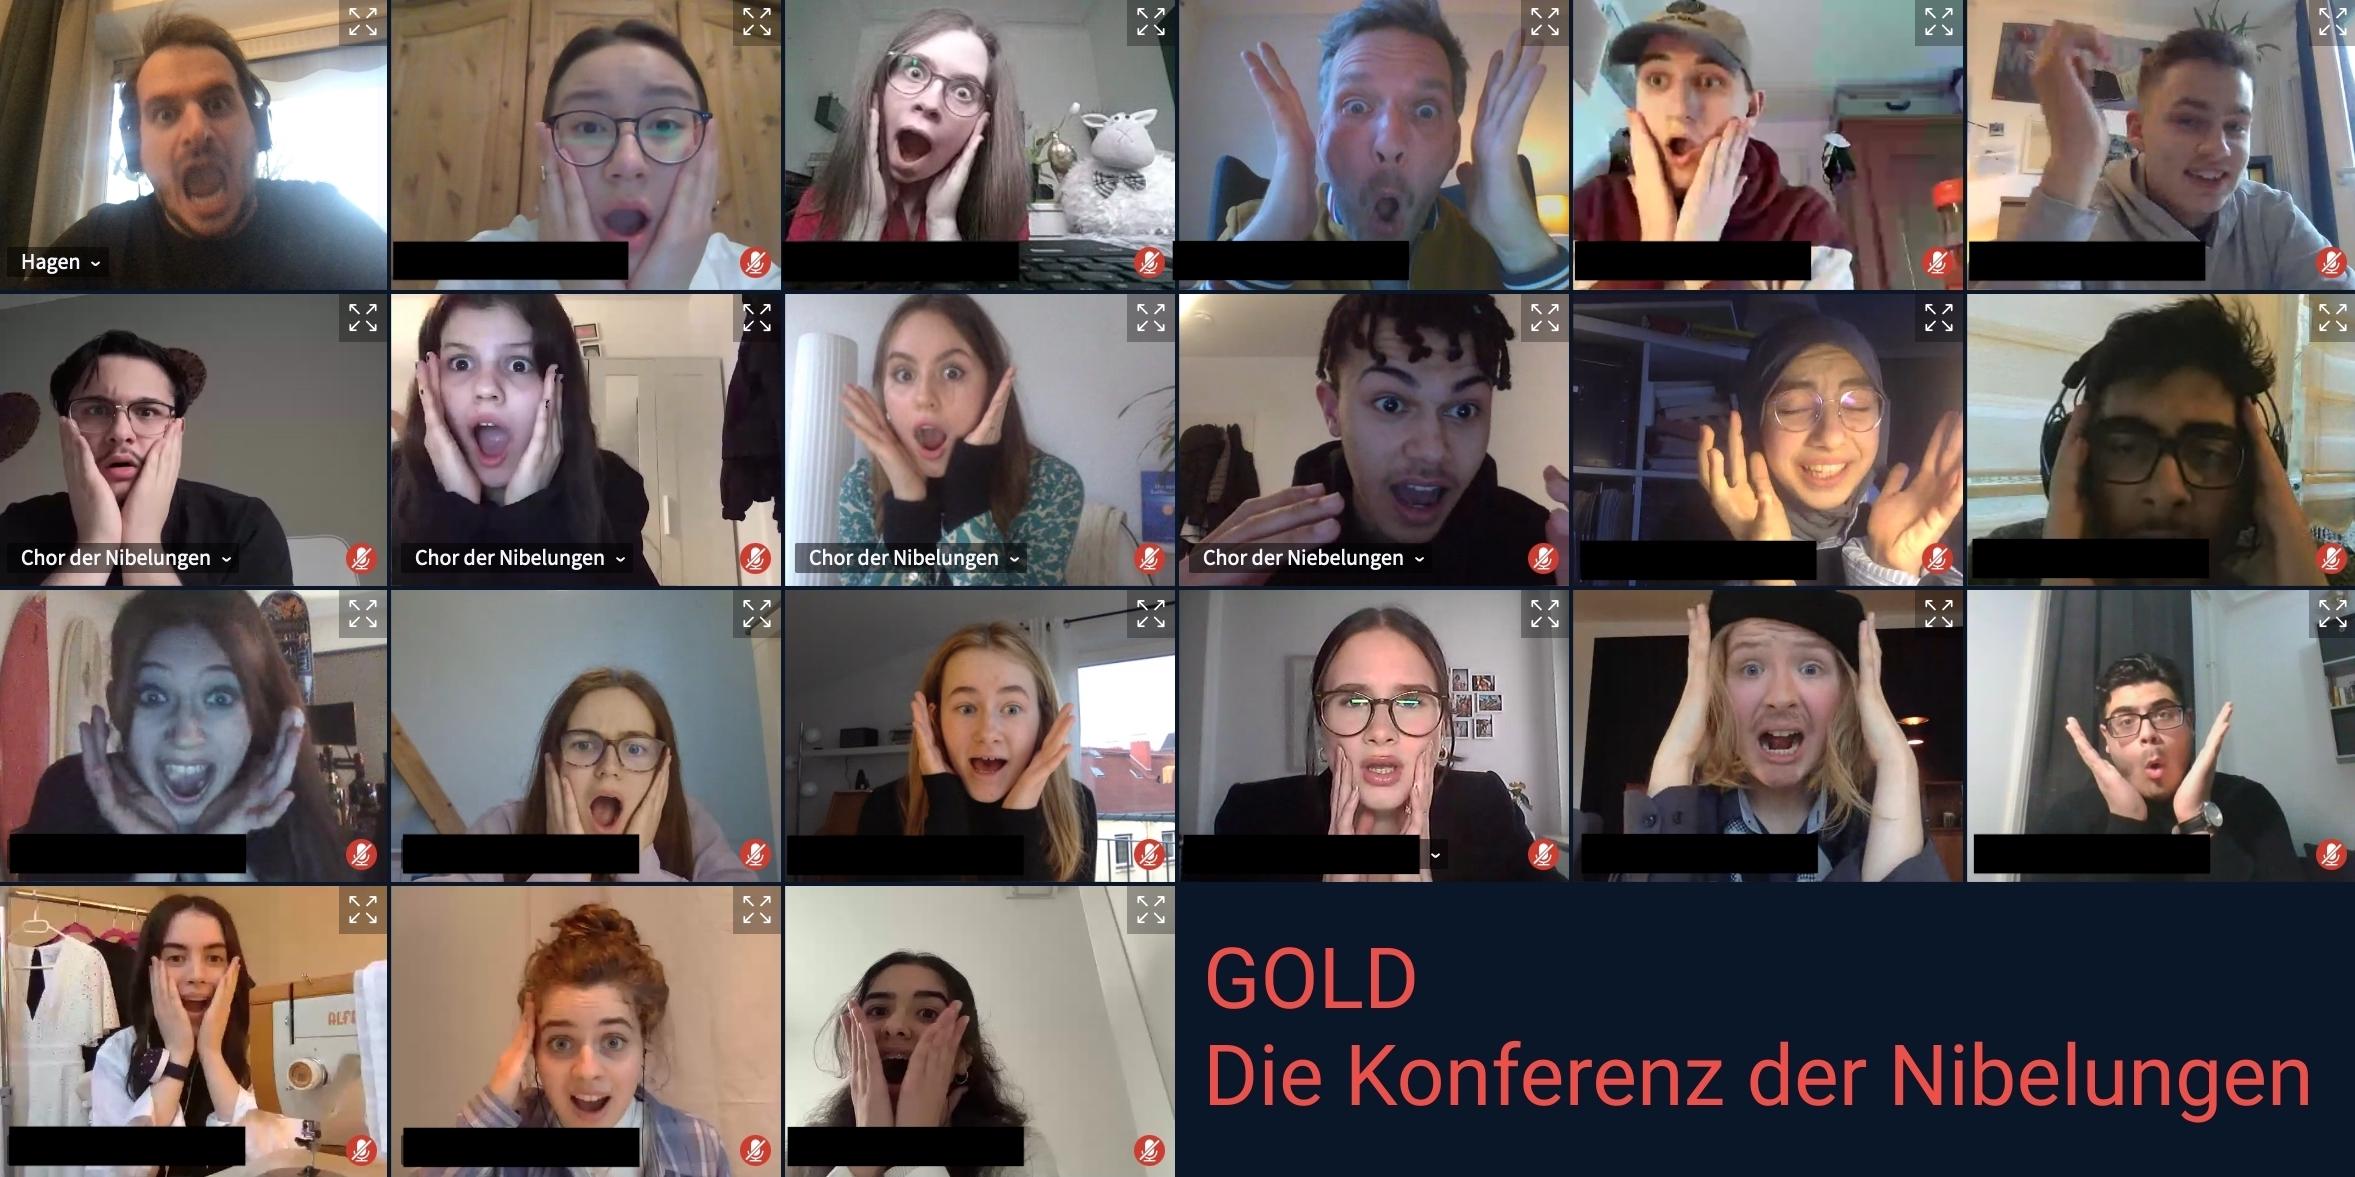 GOLD – Die Konferenz der Nibelungen